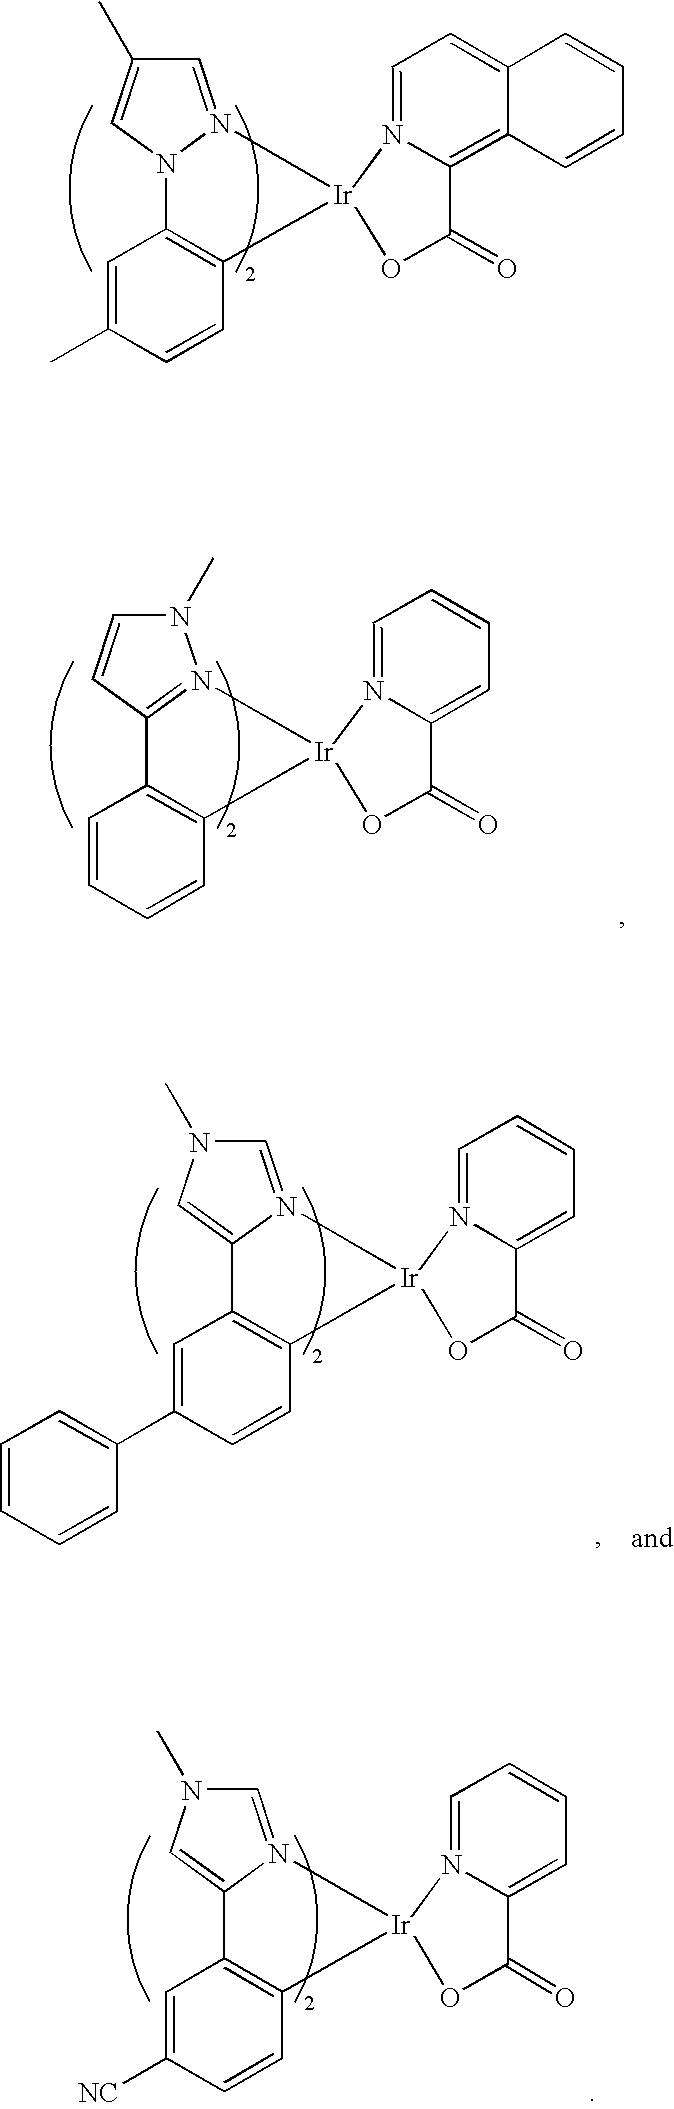 Figure US20050031903A1-20050210-C00076